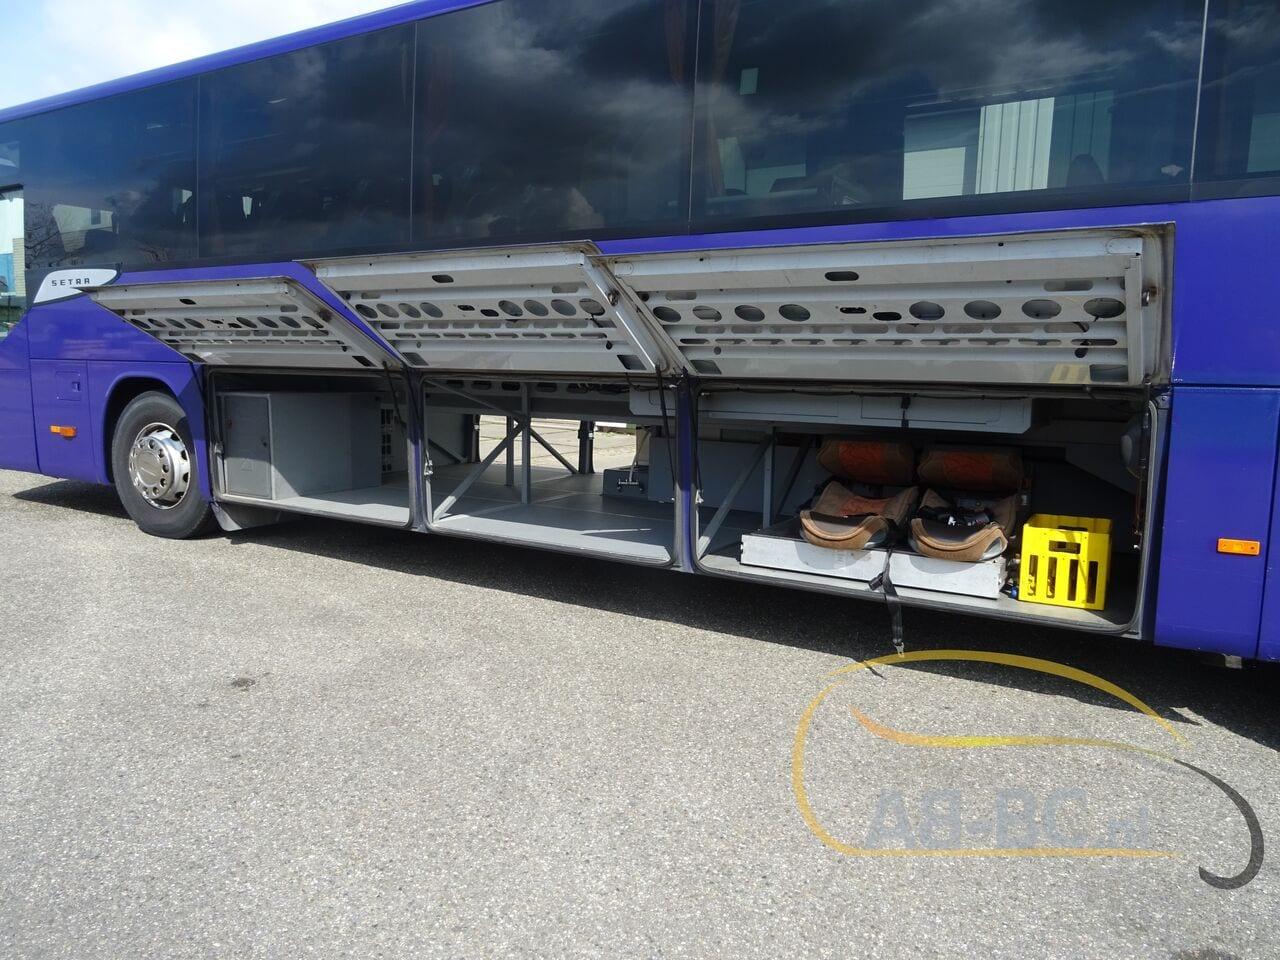 coach-busSETRA-S416H-48-SEATS-LIFTBUS---1620309539810935905_big_9fb461f32fba7b6a42cf0bc4f911c41c--21050616581387095000